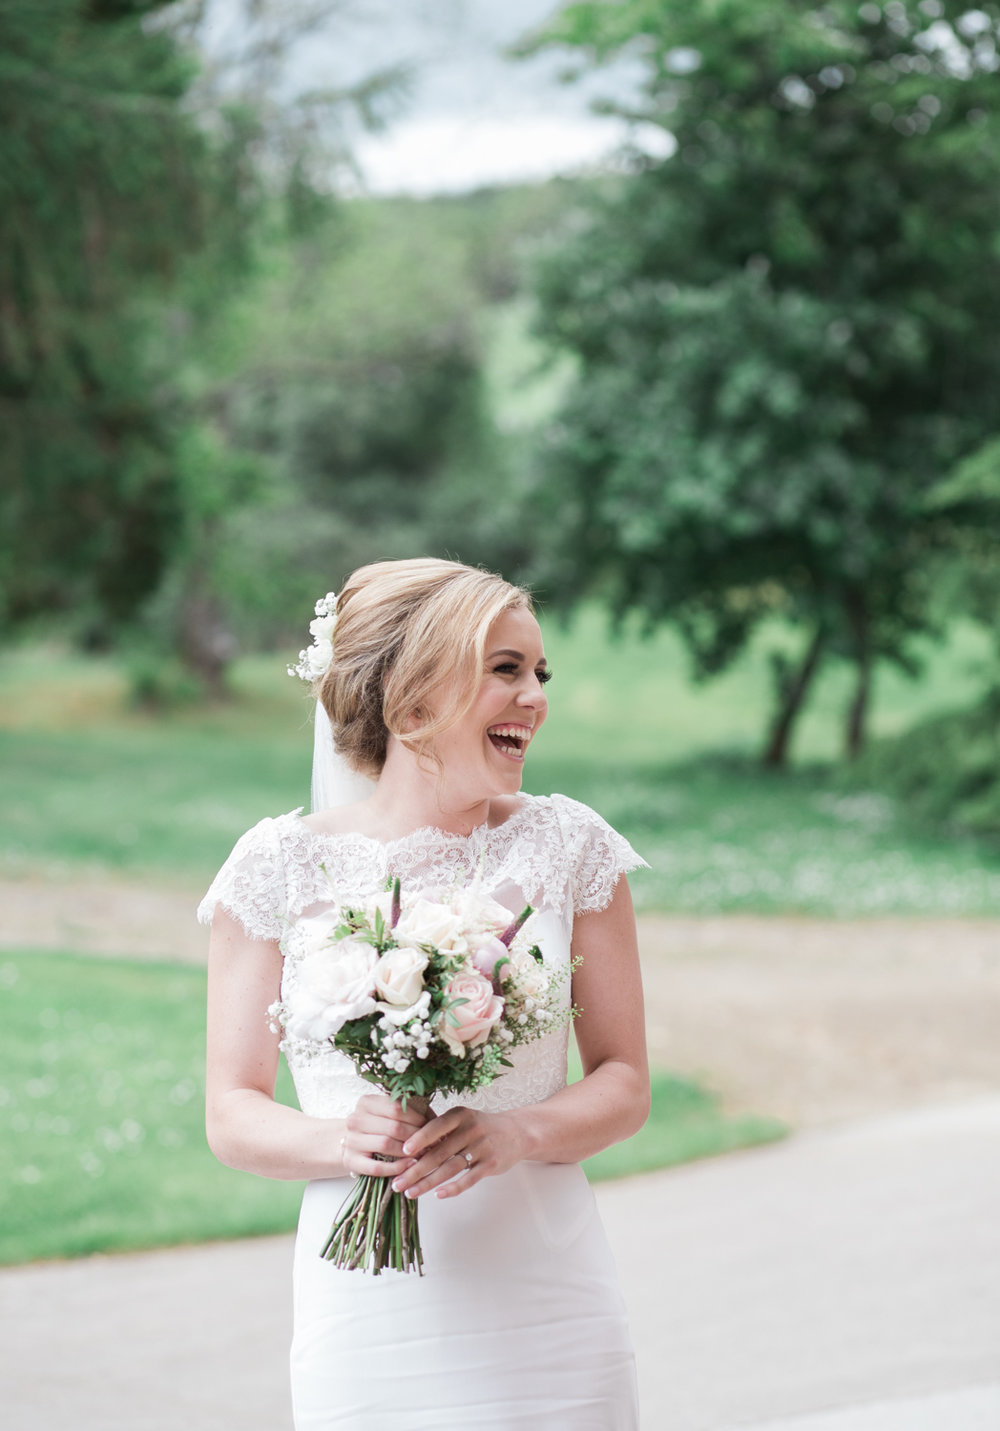 aswanley wedding, wedding photography aswanley, wedding photographers at aswanley, Gemma Taylor hair,aswanley bride, Scottish wedding photographer, Scottish barn wedding venue